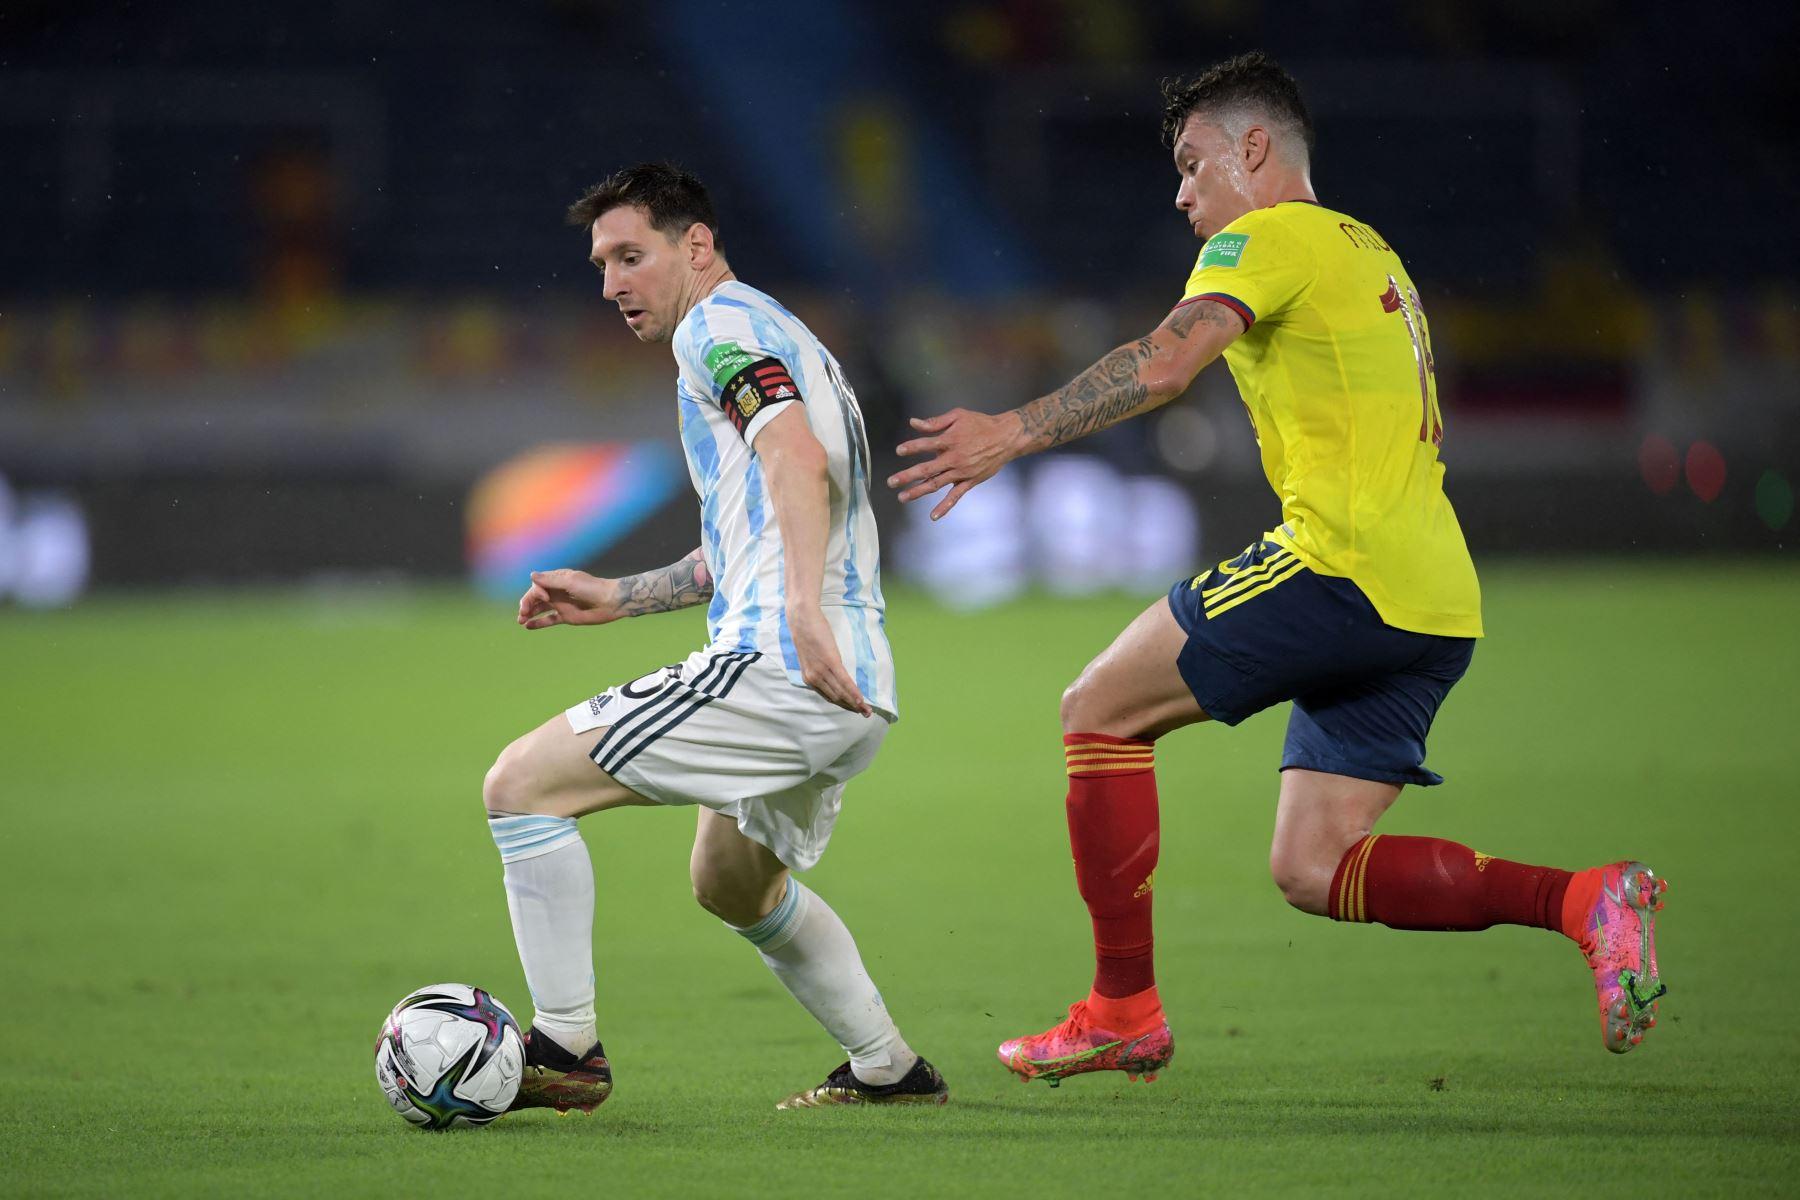 El argentino Lionel Messi y el colombiano Mateus Uribe compiten por el balón durante su partido clasificatorio sudamericano para la Copa Mundial de la FIFA Qatar 2022 en el Estadio Metropolitano Roberto Meléndez en Barranquilla, Colombia. Foto: AFP